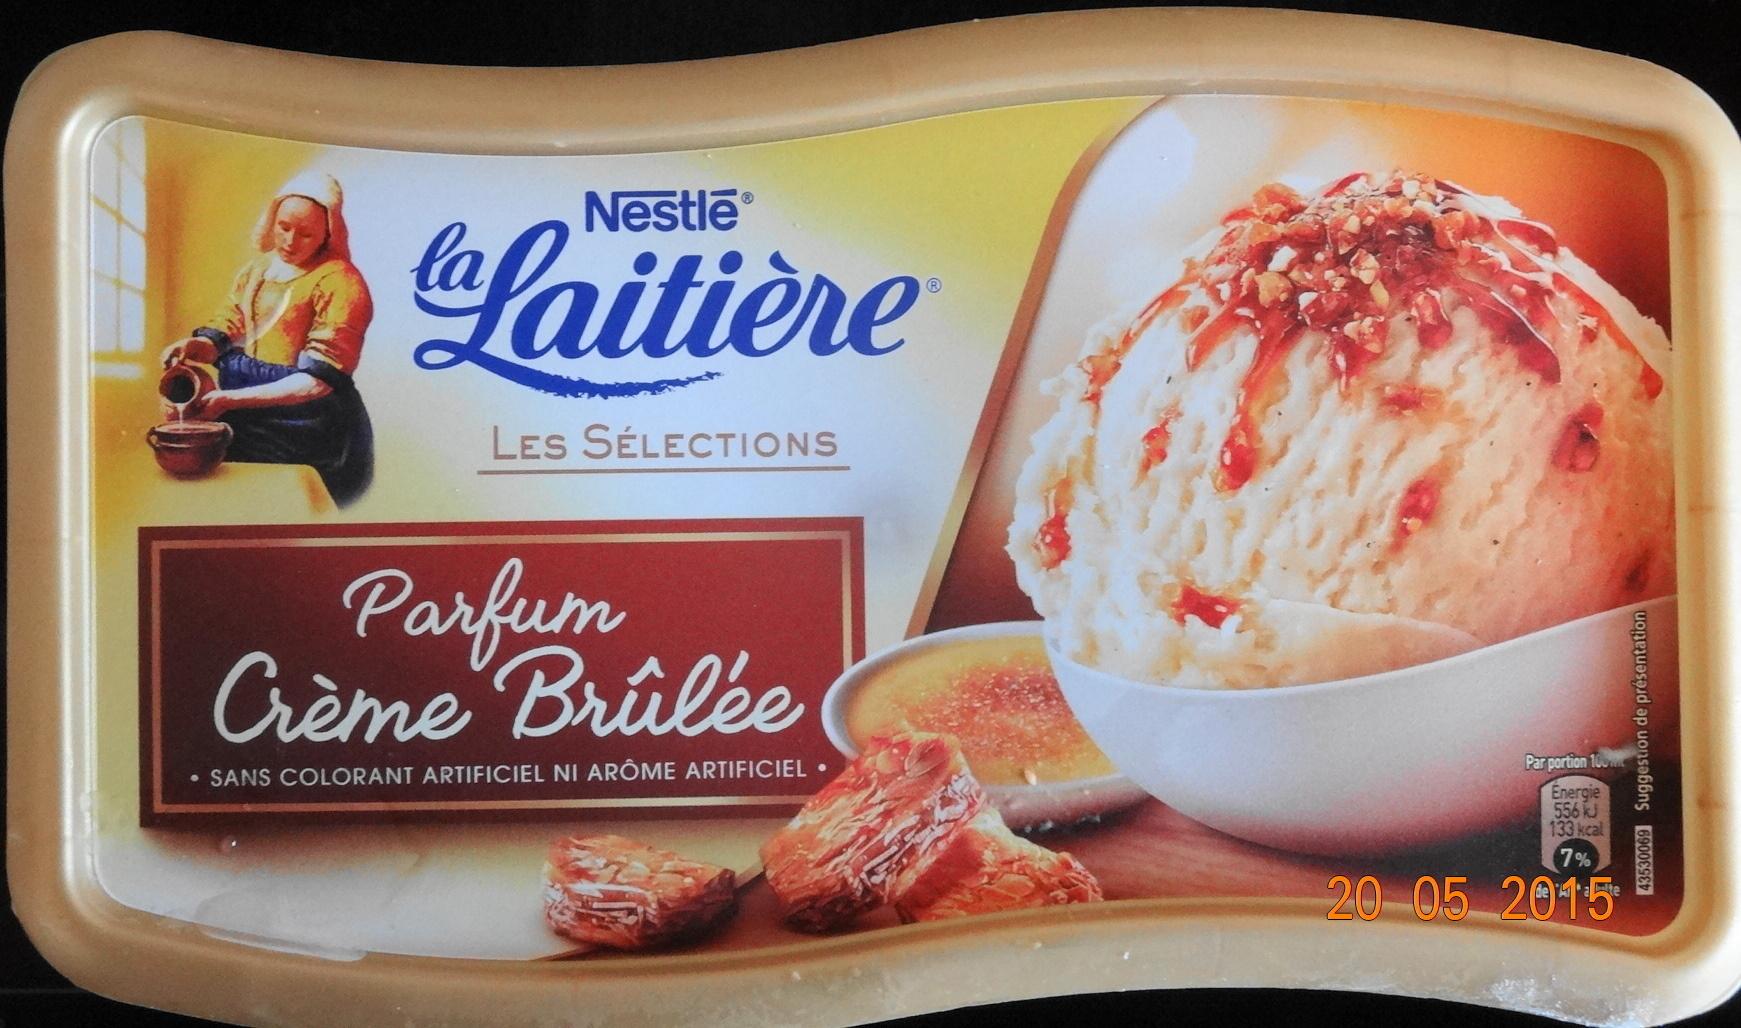 Les Sélections Parfum Crème Brulée - Product - fr